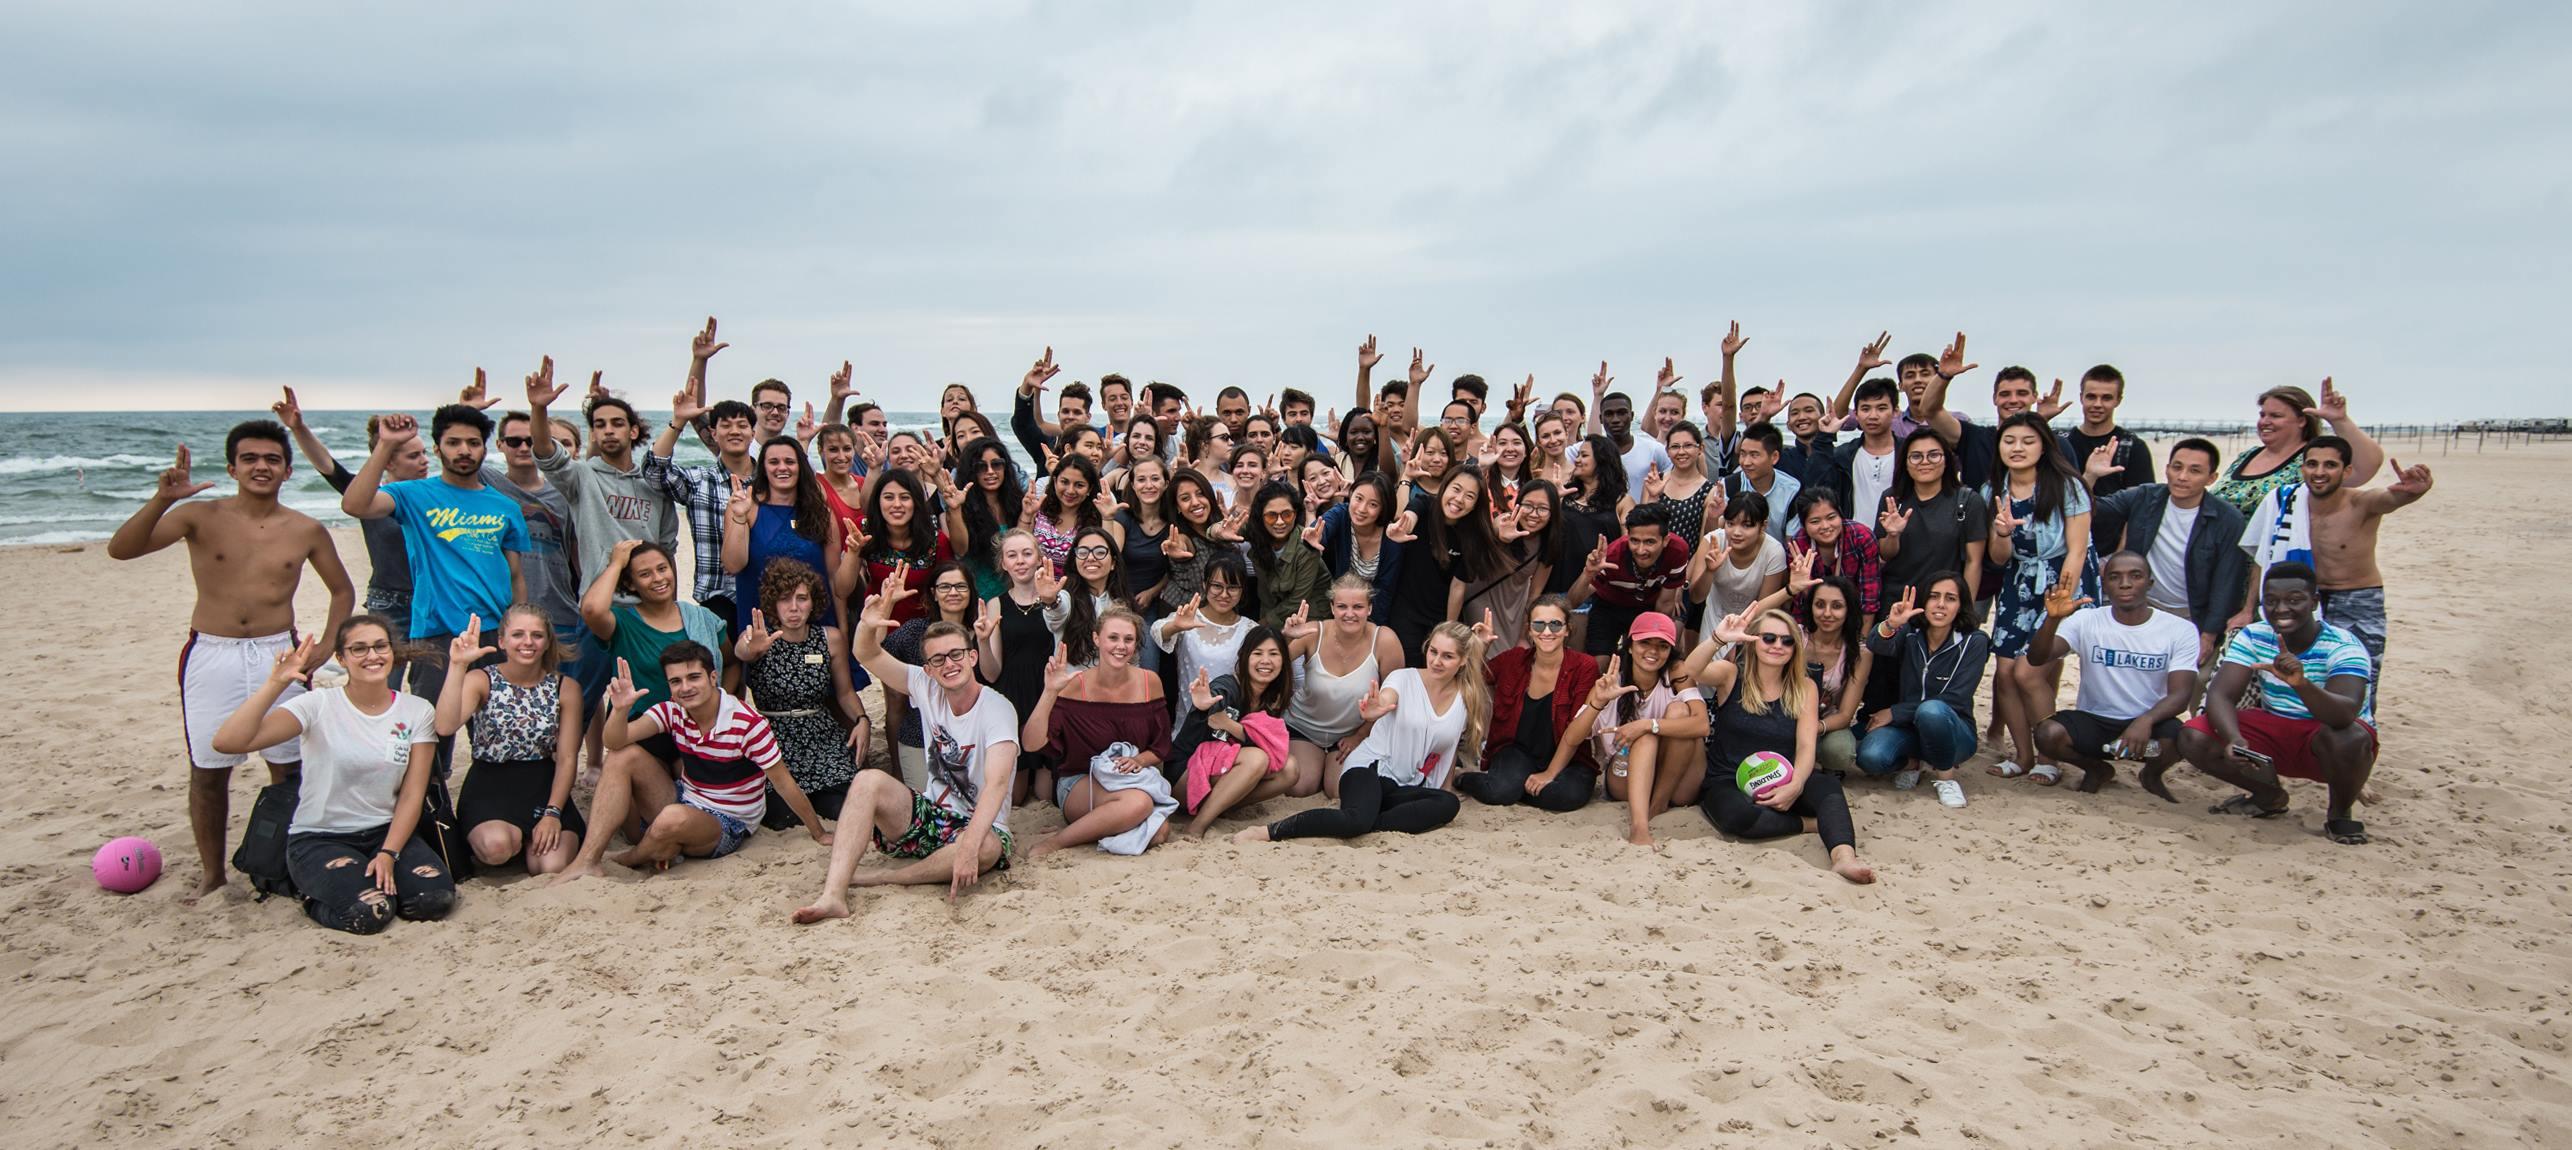 Wyjazd na plażę w trakcie Orientation Week, Grand Haven. Żródło: Padnos IPO